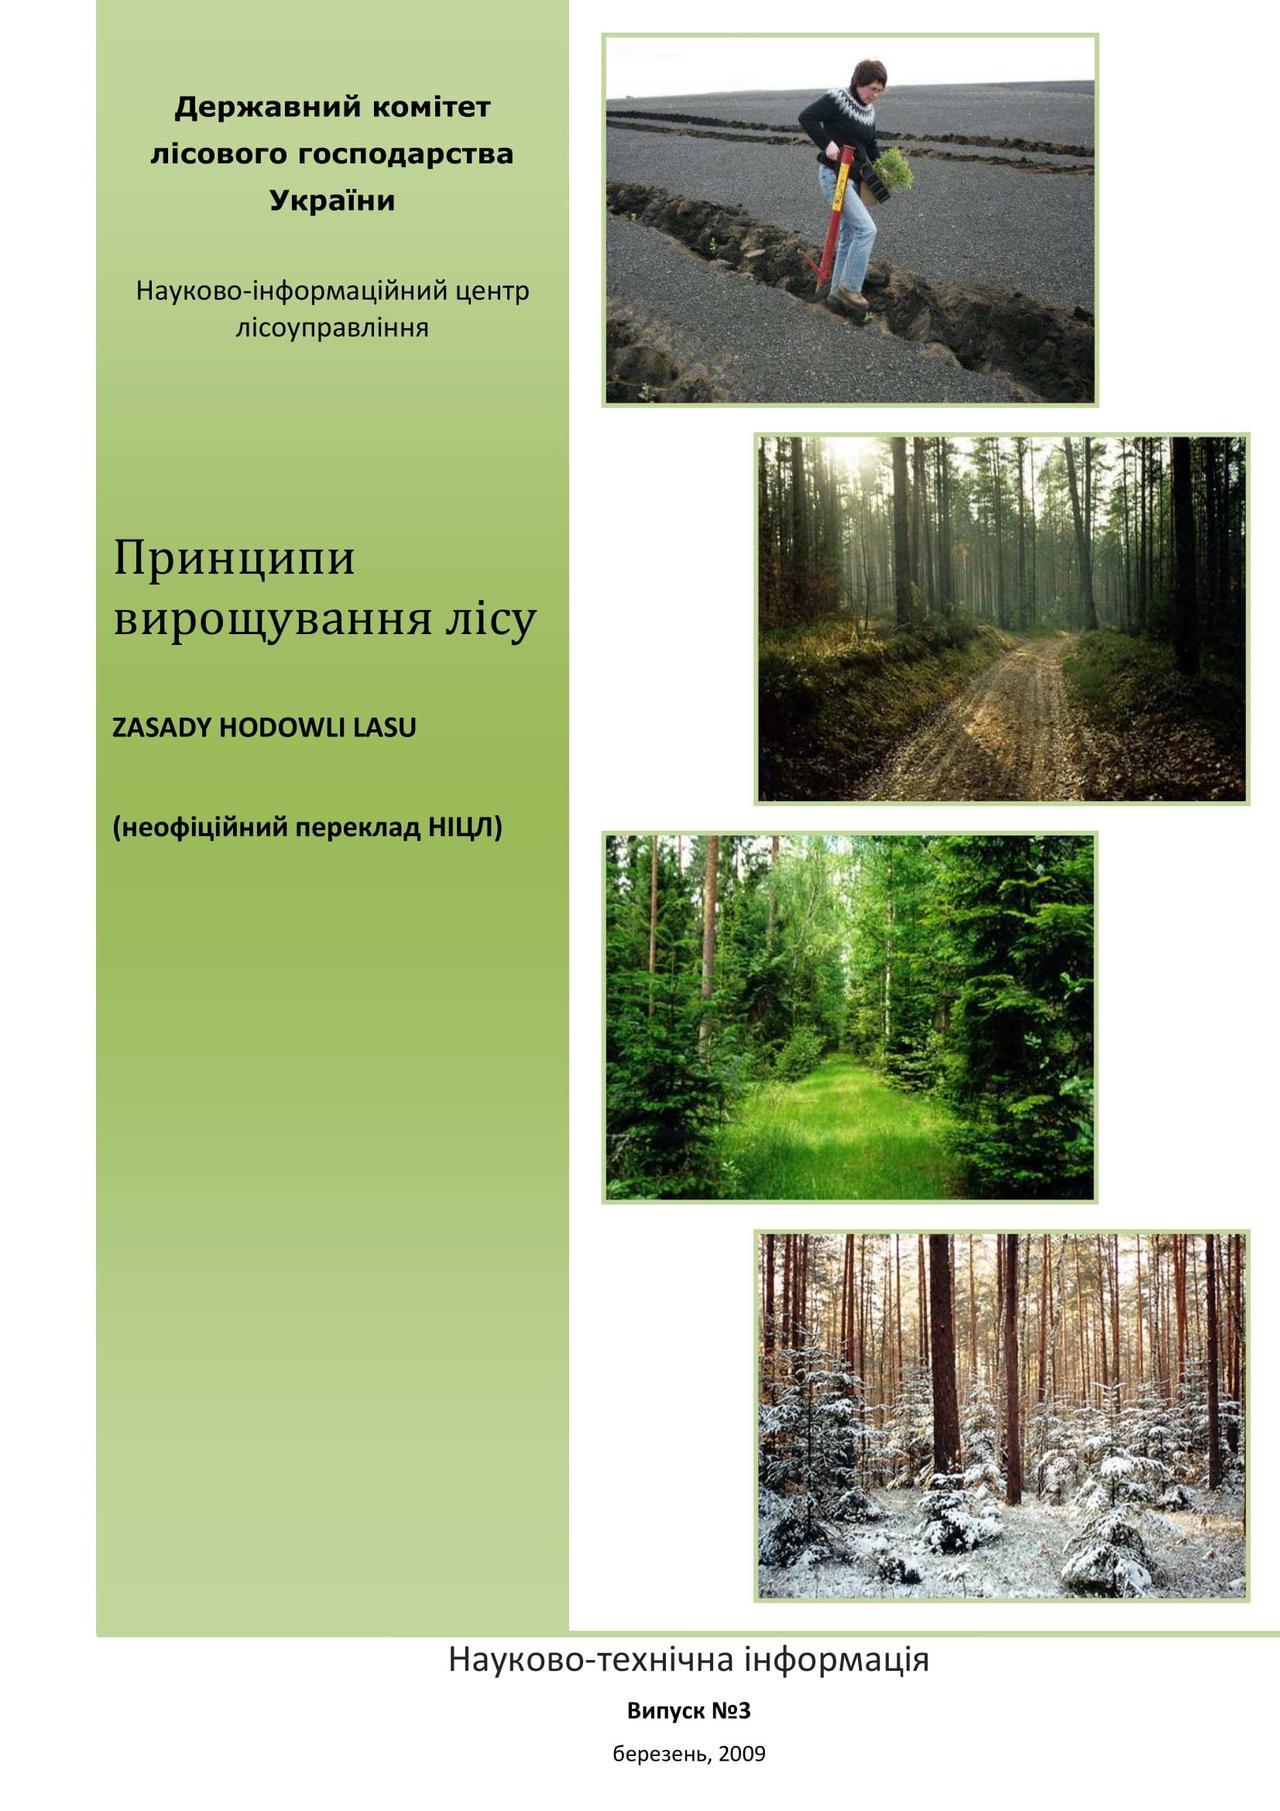 Принципы выращивания леса (LP, Польша)